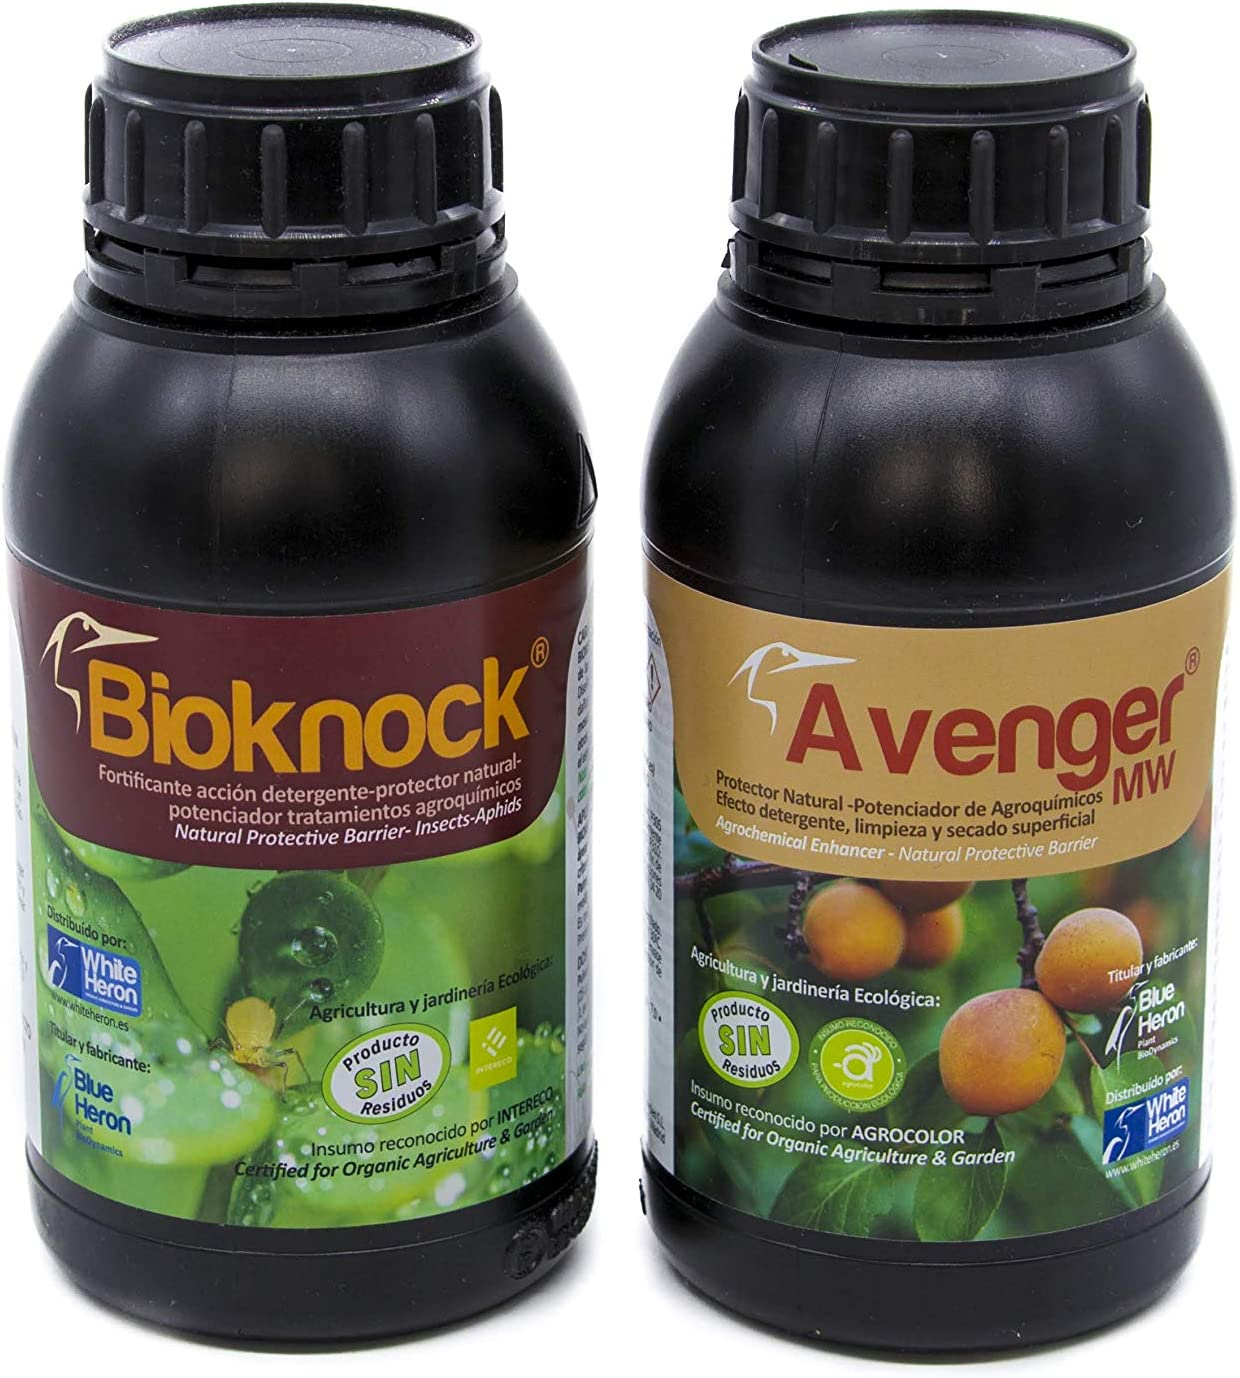 Pack BIOKNOCK® +Avenger® (500 m2). Perfil Insecticida Bioracional-Insectos/Pulgón/Hongos; Fito-fortificantes a Base extractos y aceites Vegetales - Fertilizantes Especiales, Polivalente. Ecológico